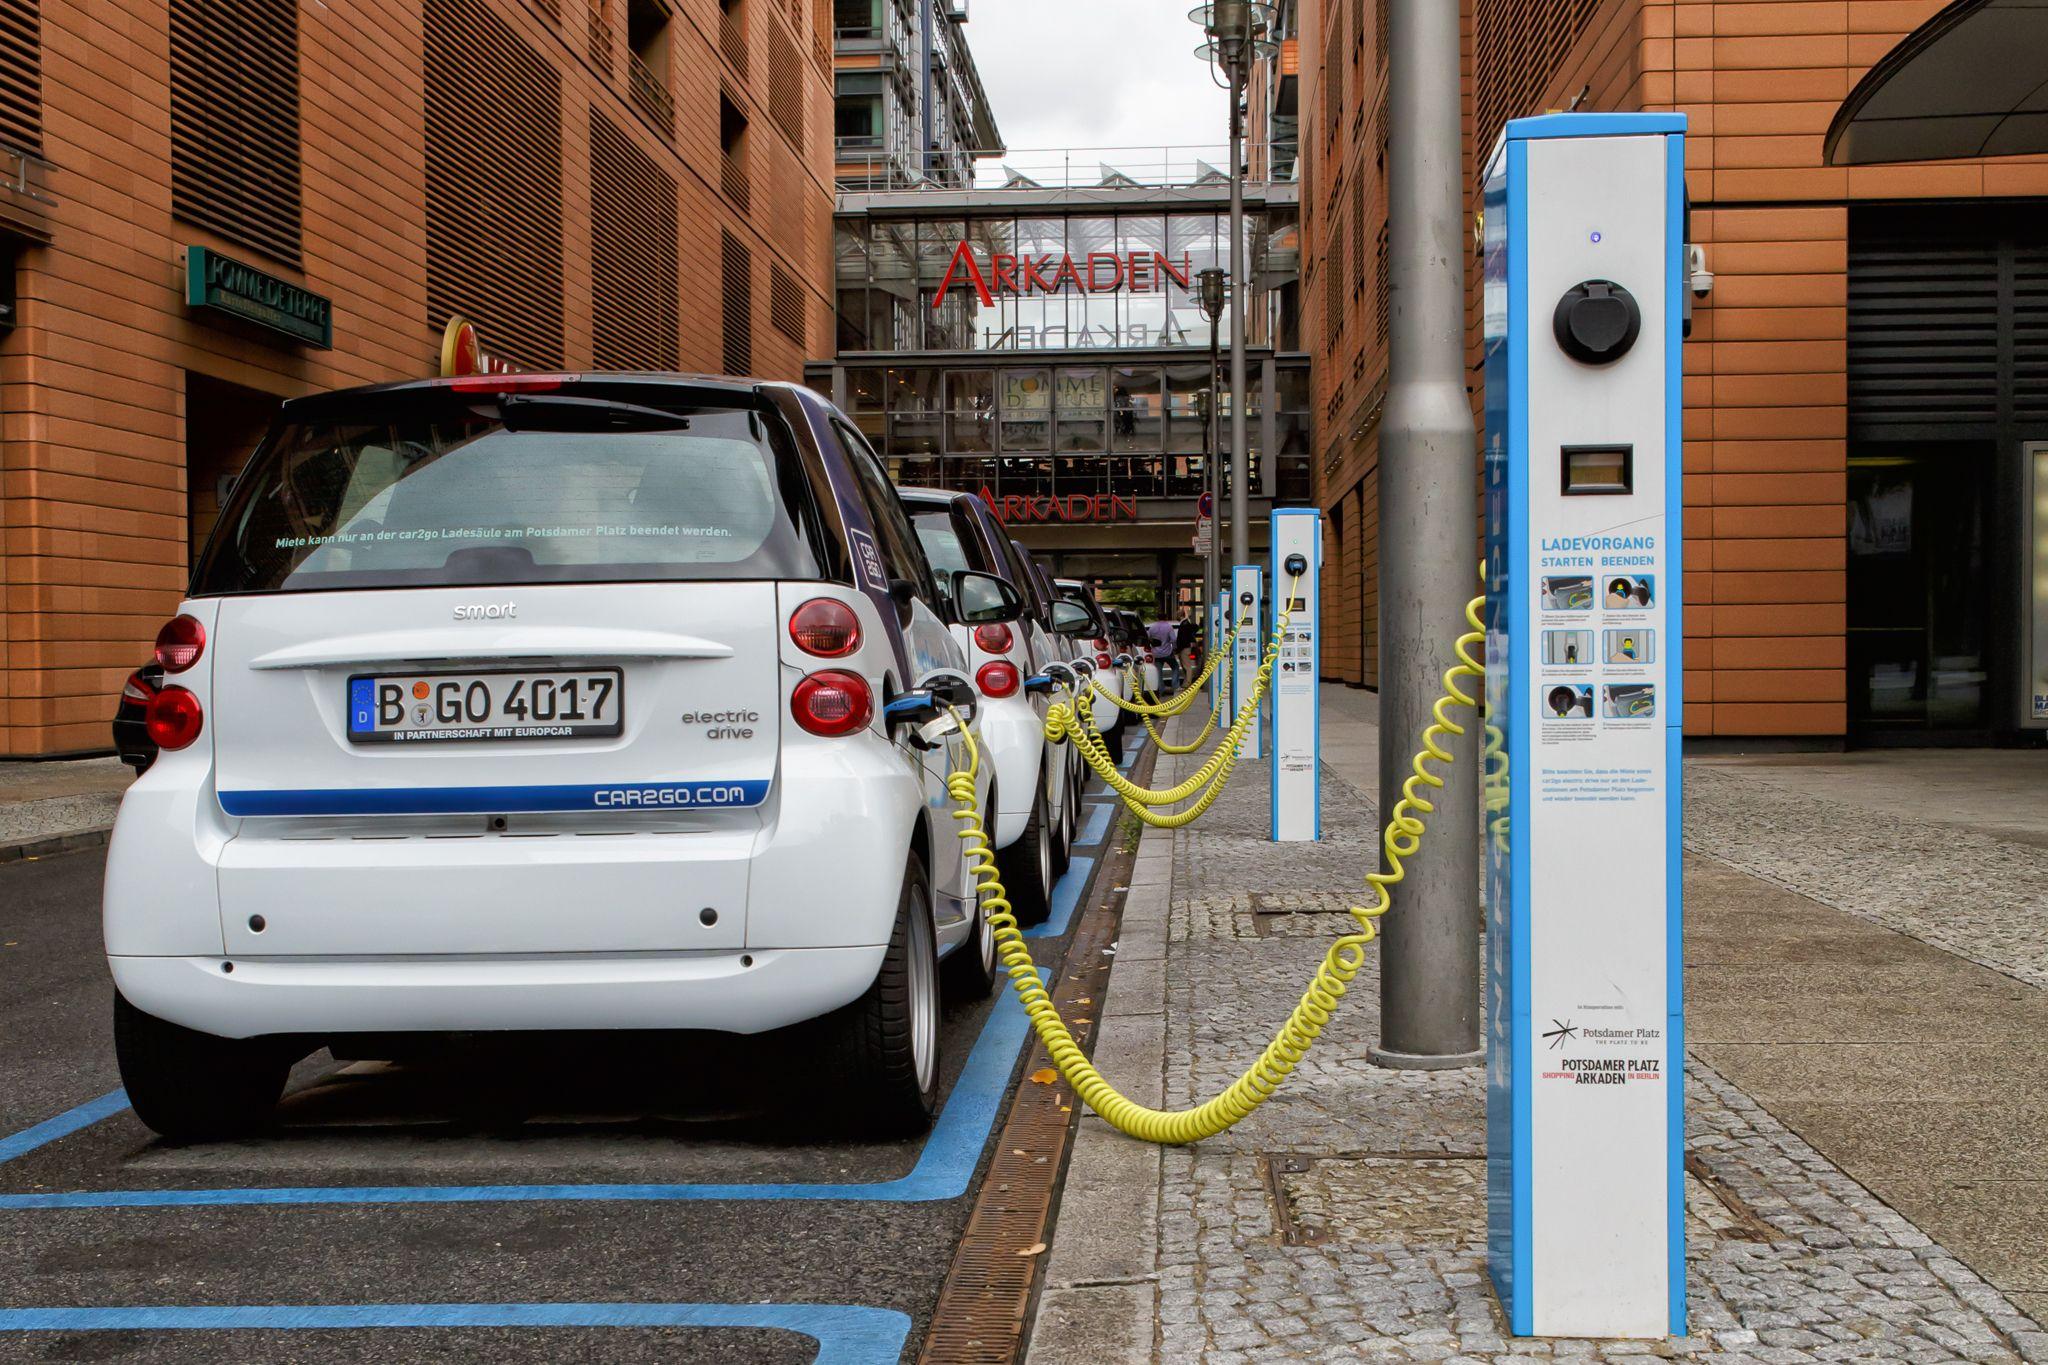 Movilidad Compartida Car2go Berlin